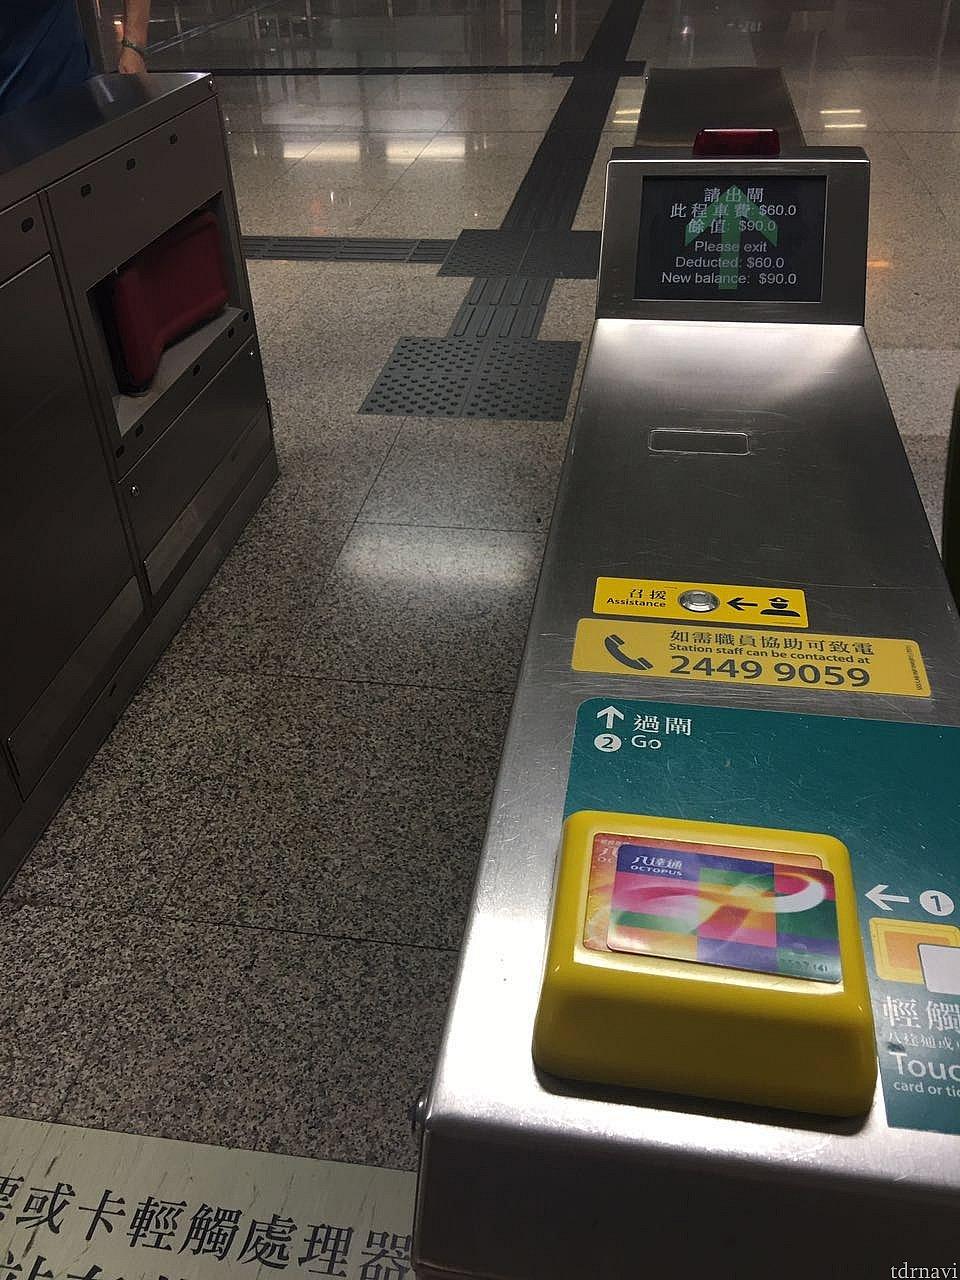 青衣駅に到着。さっそくオクトパスカードを使用して駅を出ます。右側にある黄色い部分にカードをかざすだけでOKです。